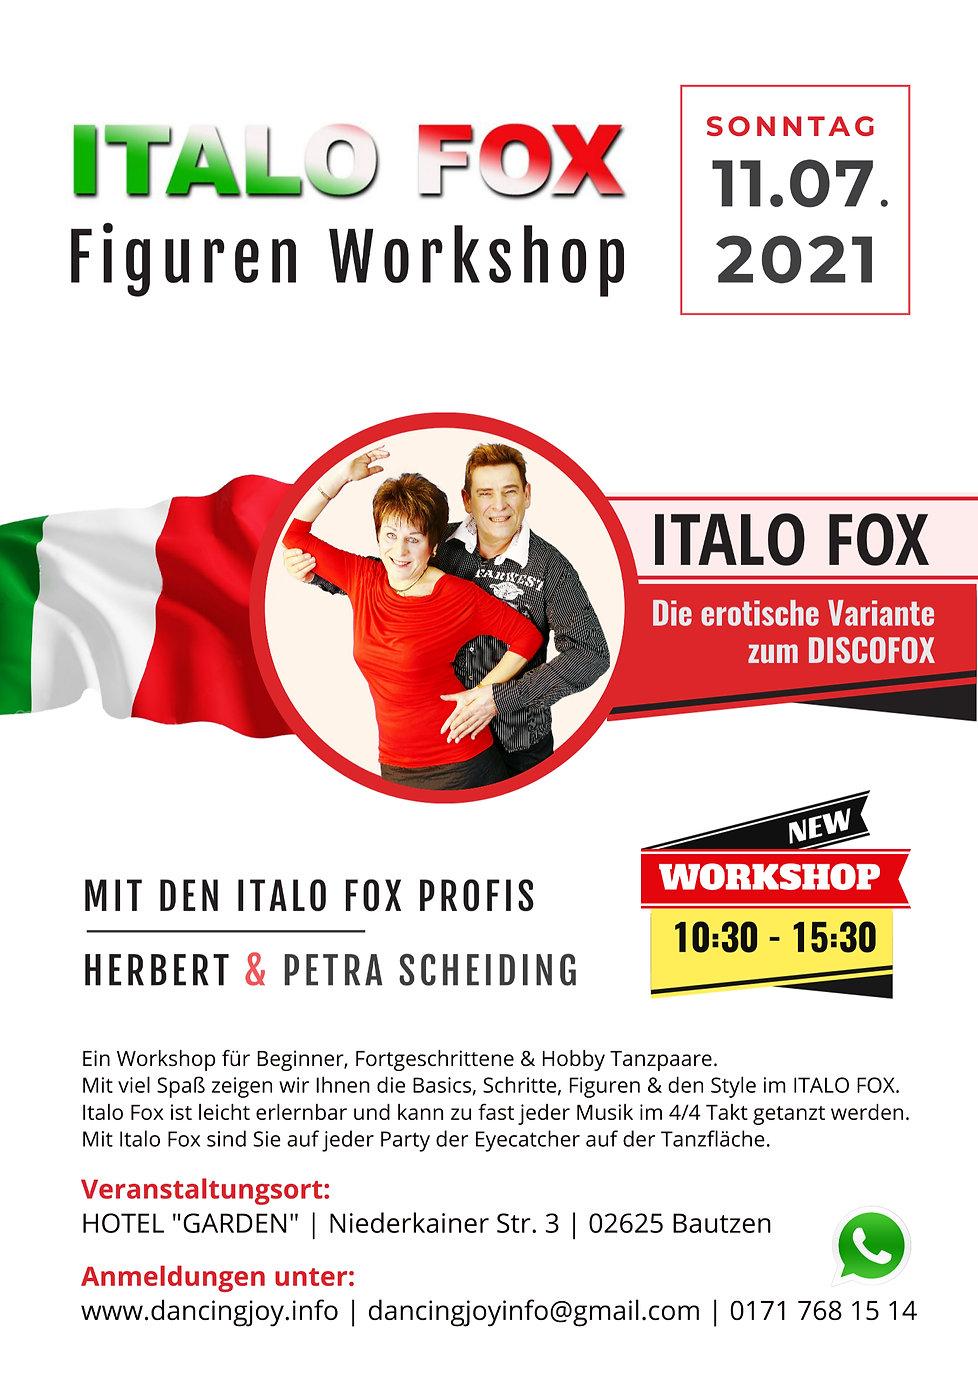 Bautzen_Plakat_ITALOFOX- Poster USA - Poster.jpeg